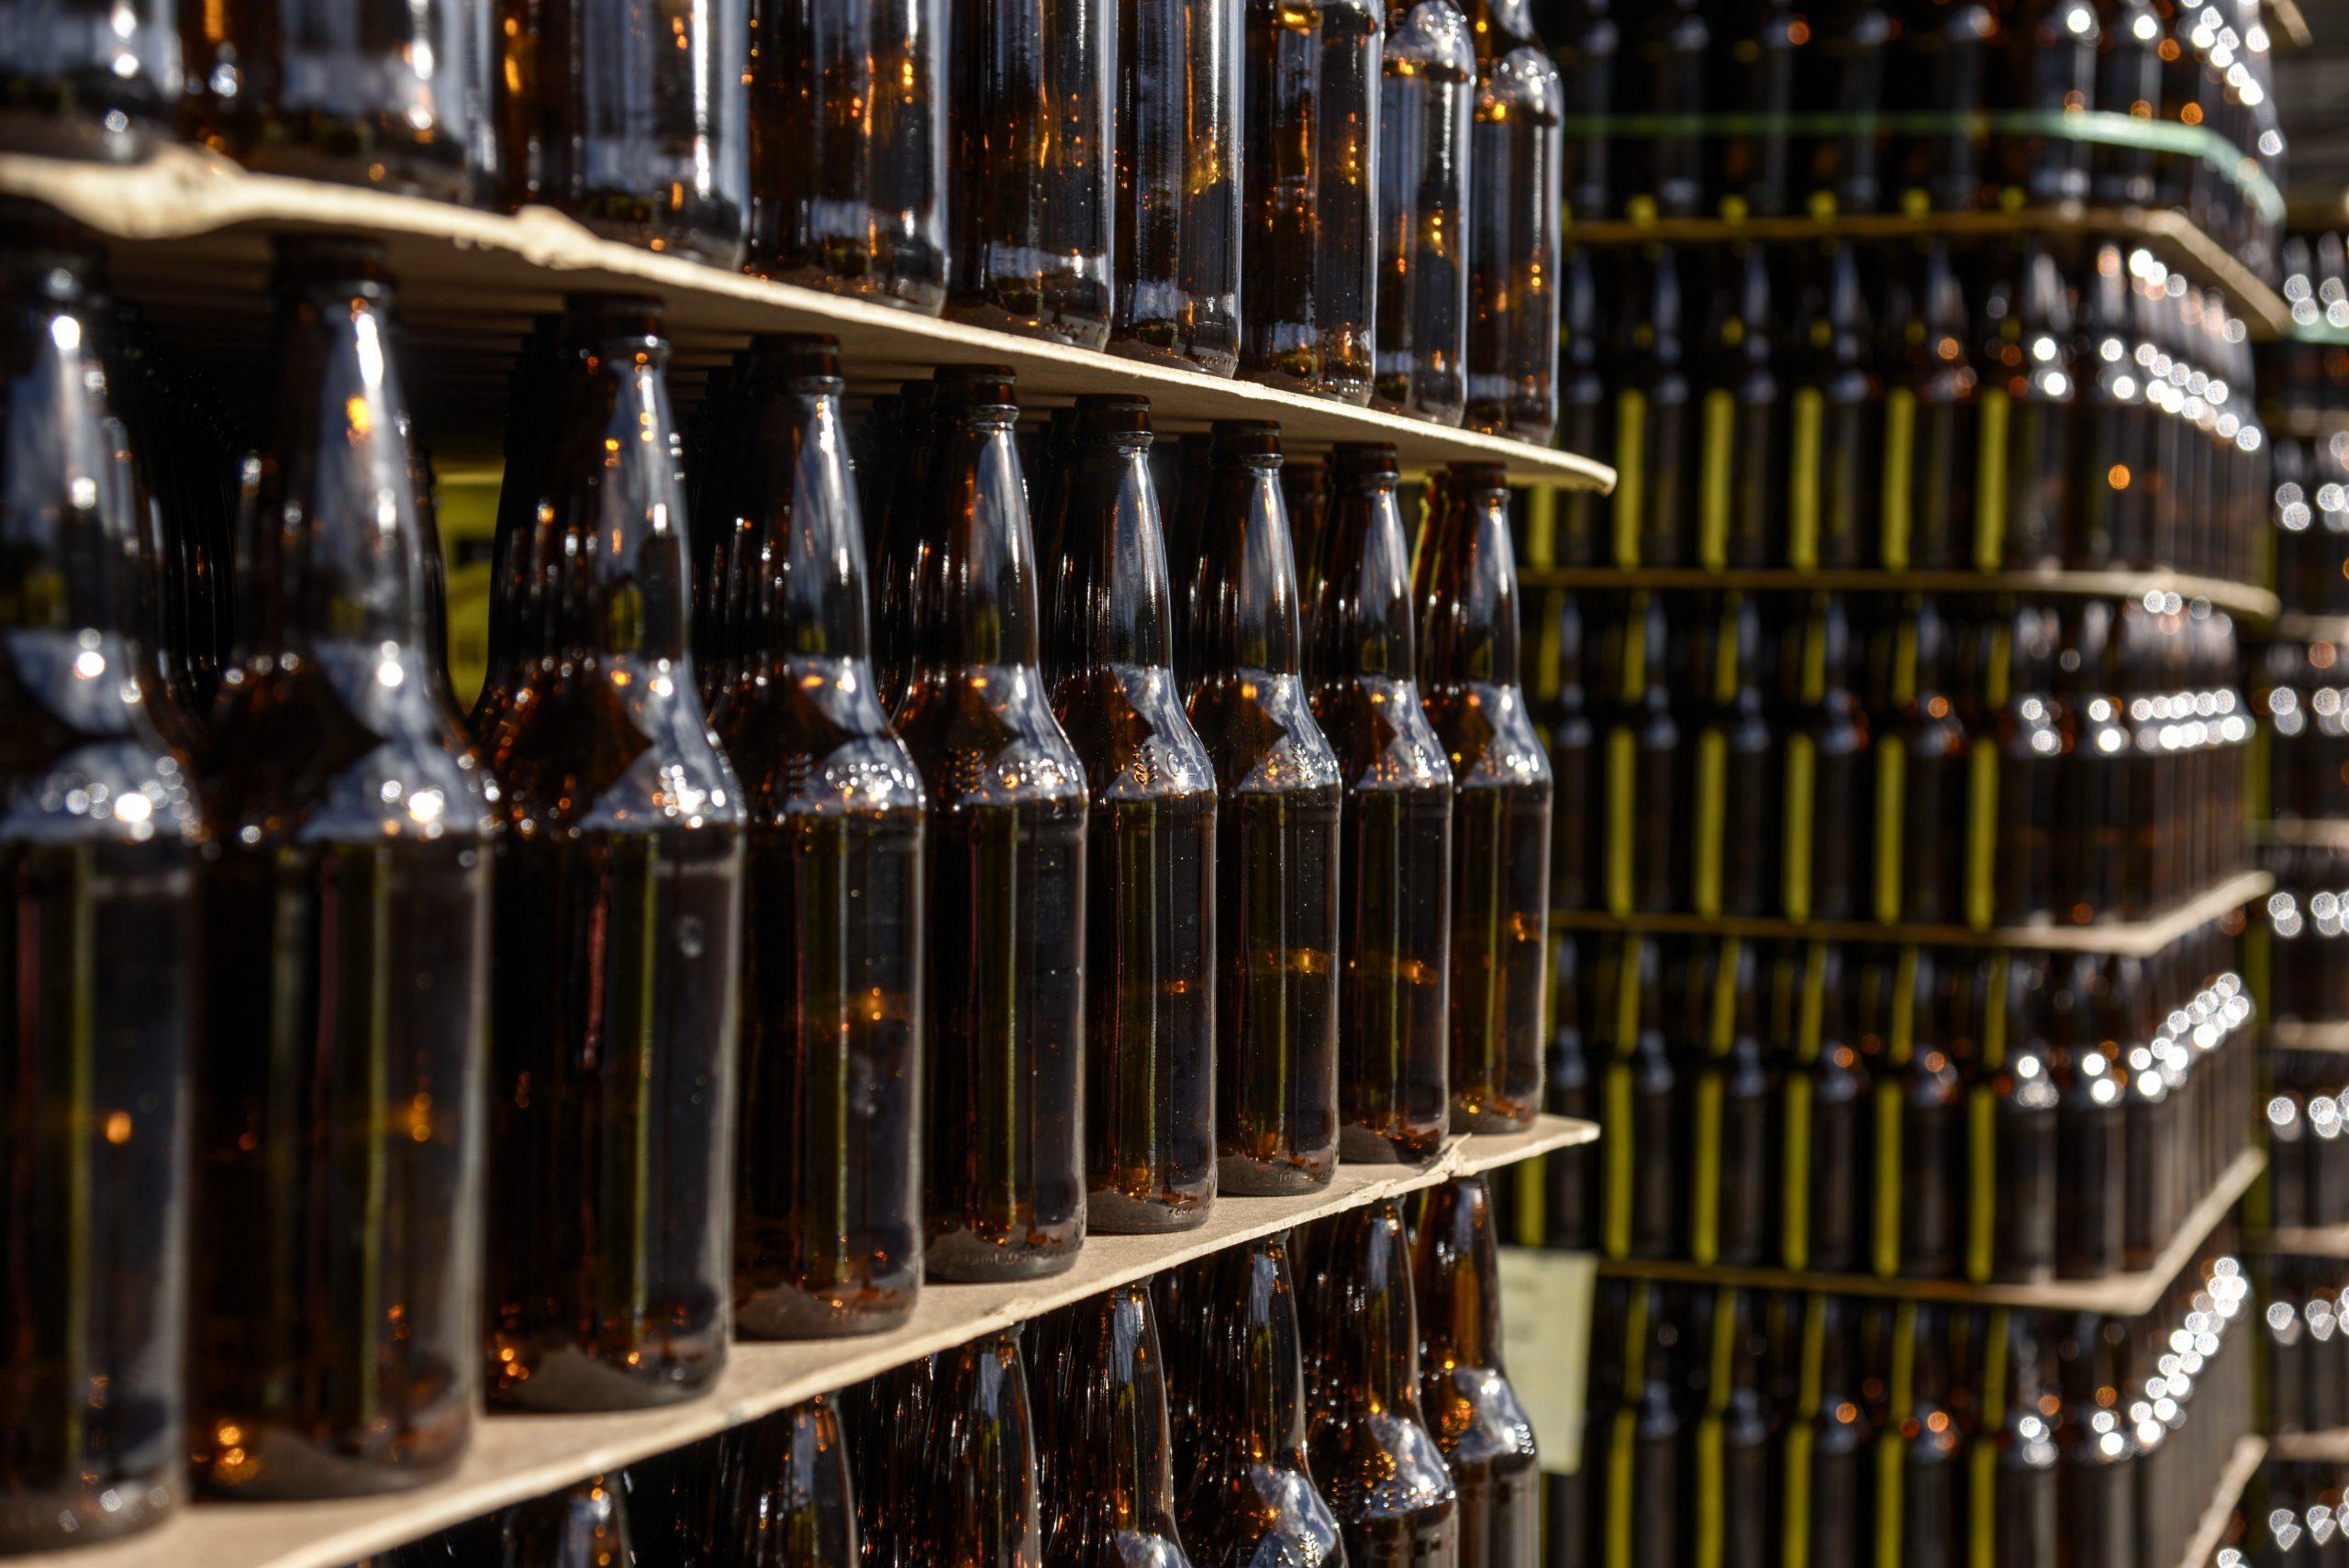 Botellas vacias produccion cerveza fabrica